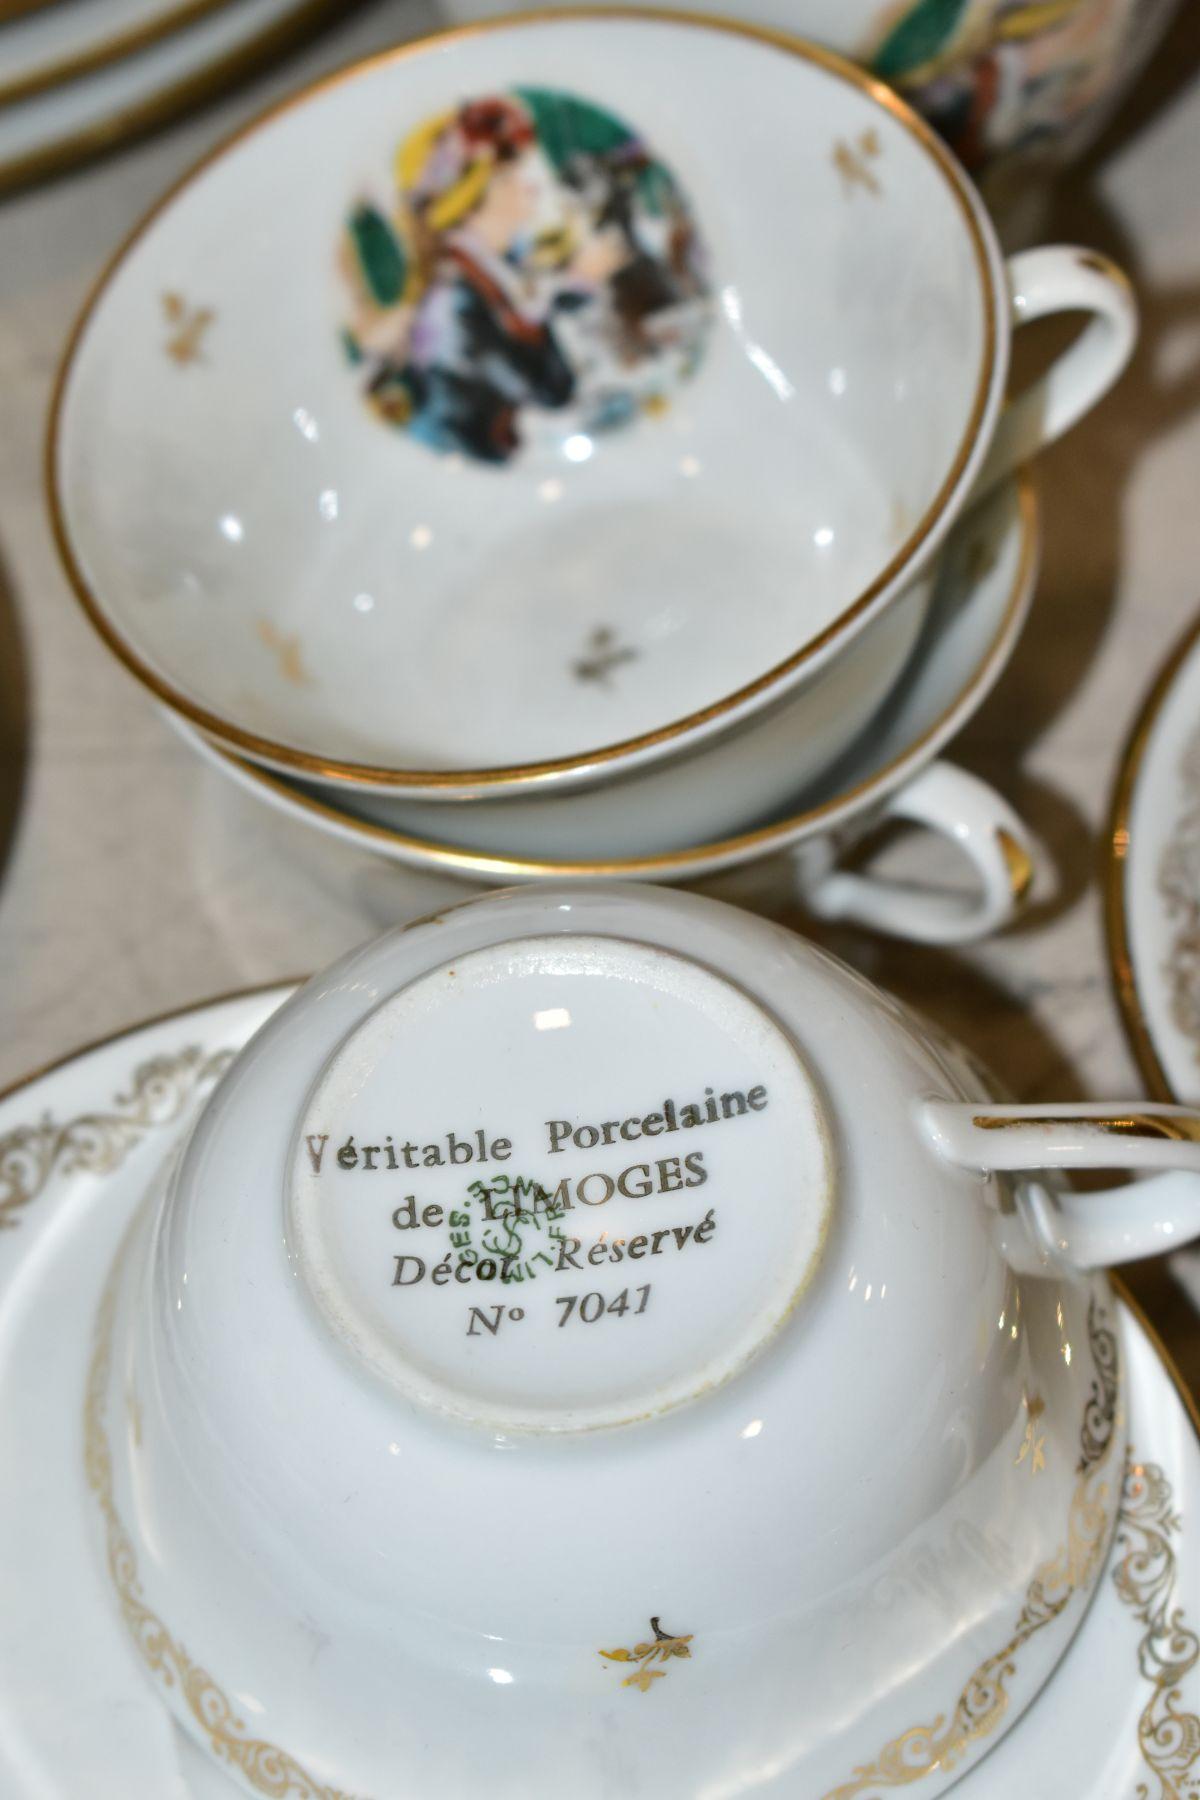 A LIMOGES 'RENOIR' DINNER SERVICE, marked to the base 'Veritable Porcelaine de Limoges Decor Reserve - Image 7 of 9